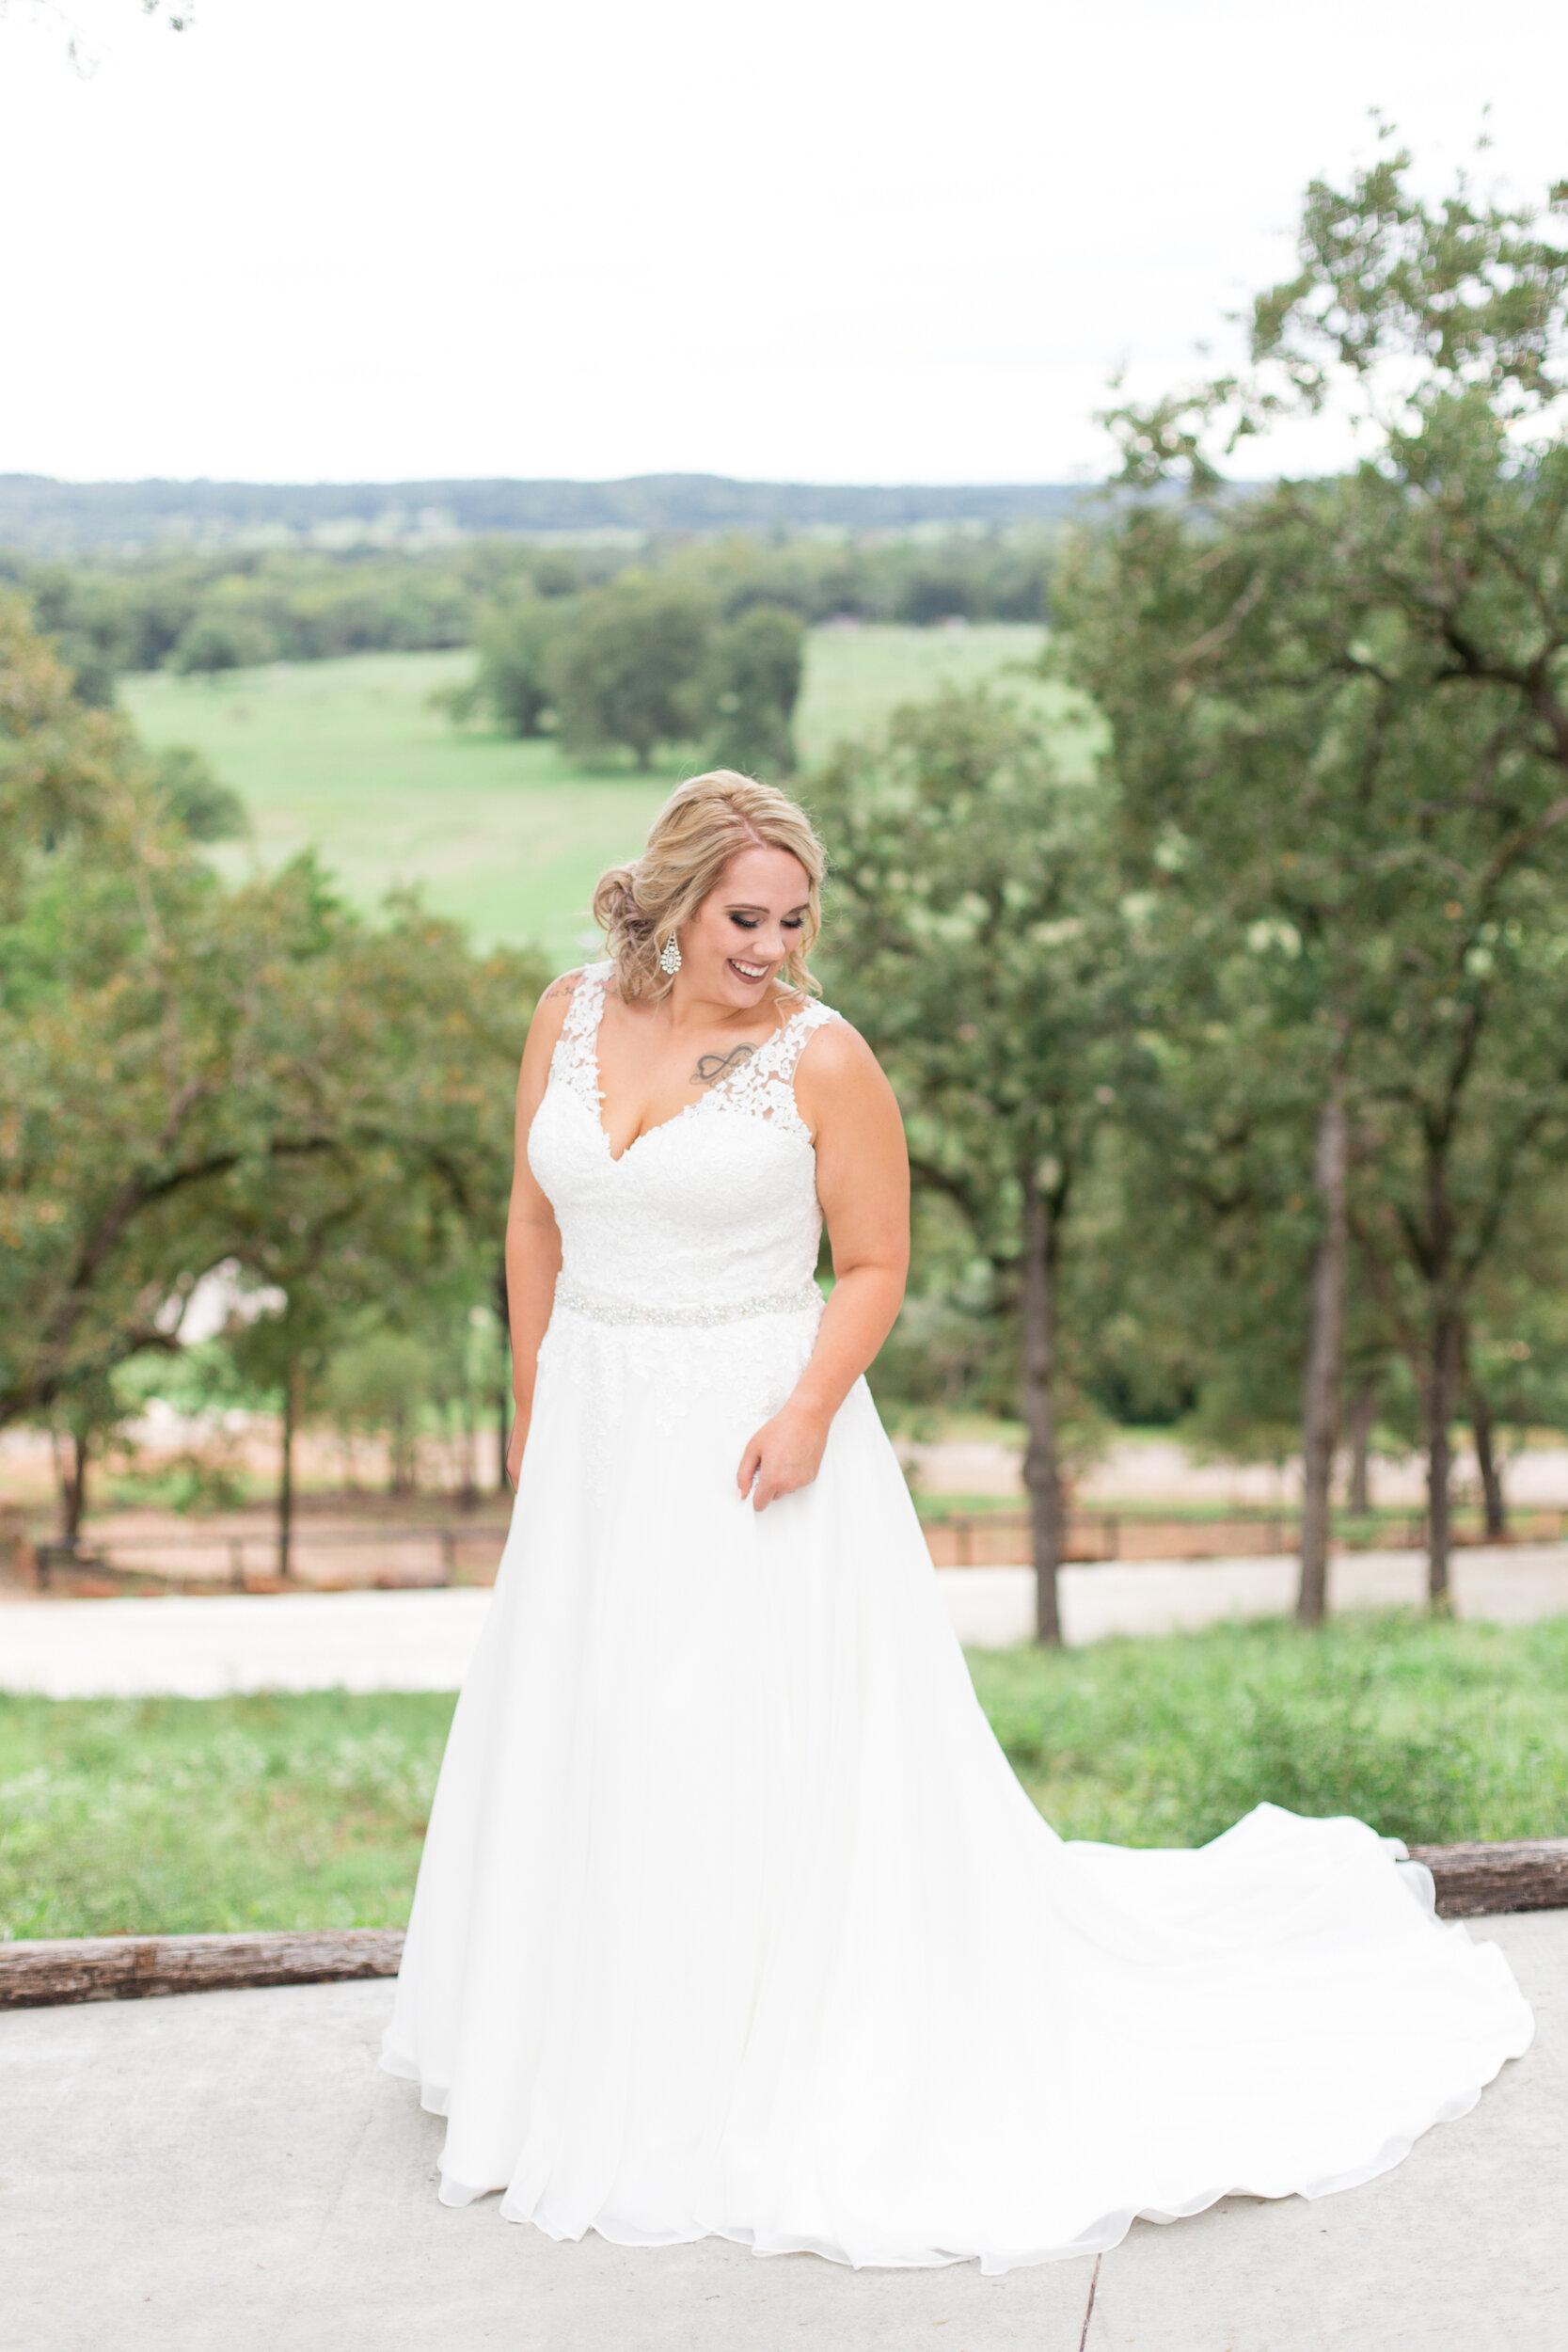 Emanuel-Wedding_kelsiehendricksphotography-28.jpg